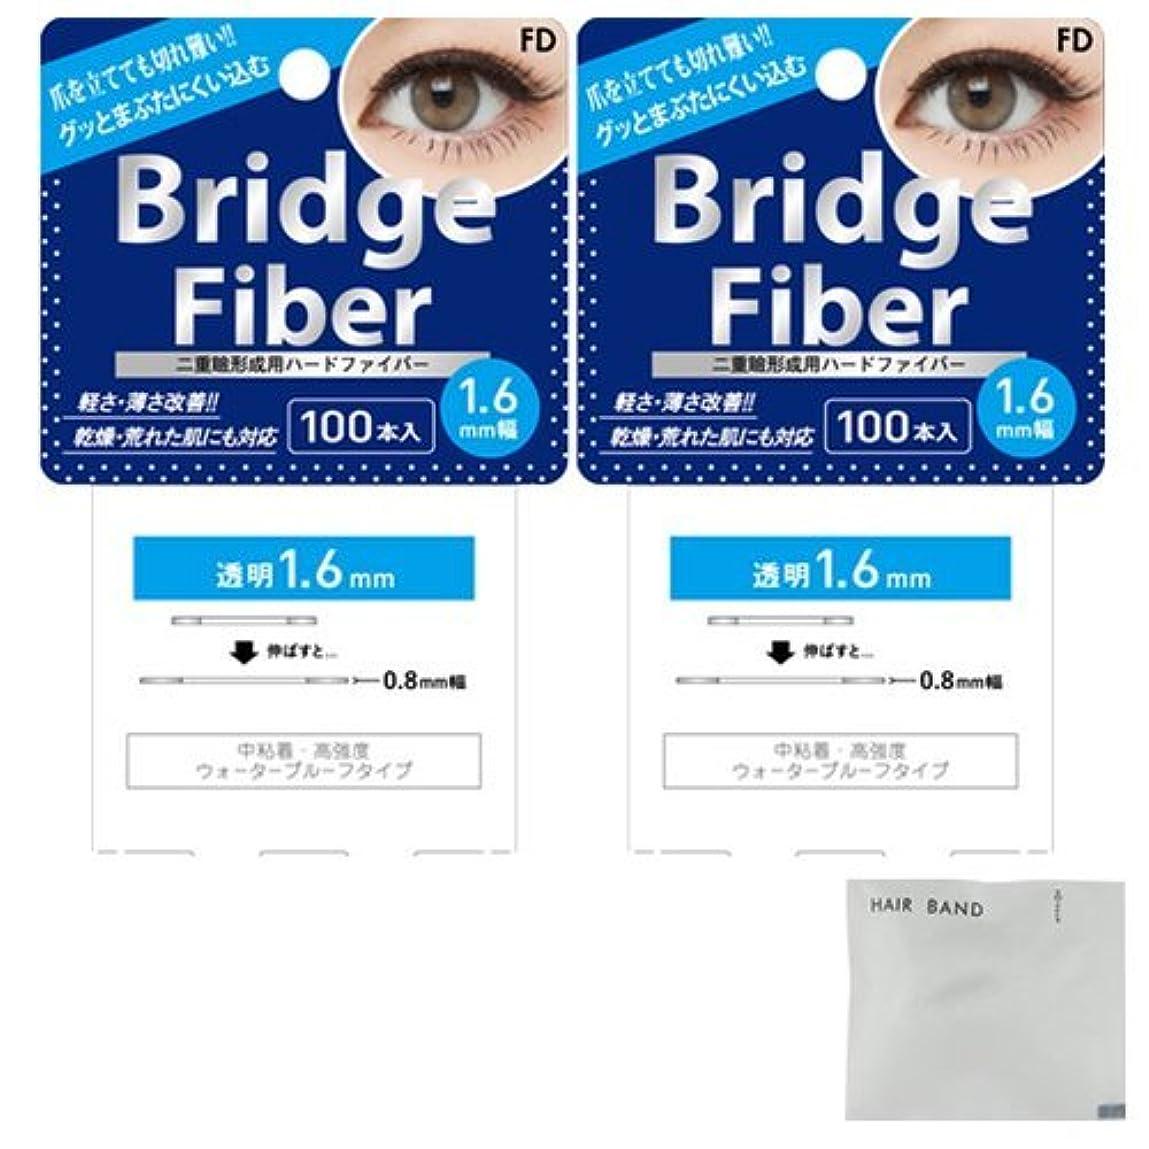 毎回パーセント創造FD ブリッジファイバーⅡ (Bridge Fiber) クリア1.6mm×2個 + ヘアゴム(カラーはおまかせ)セット